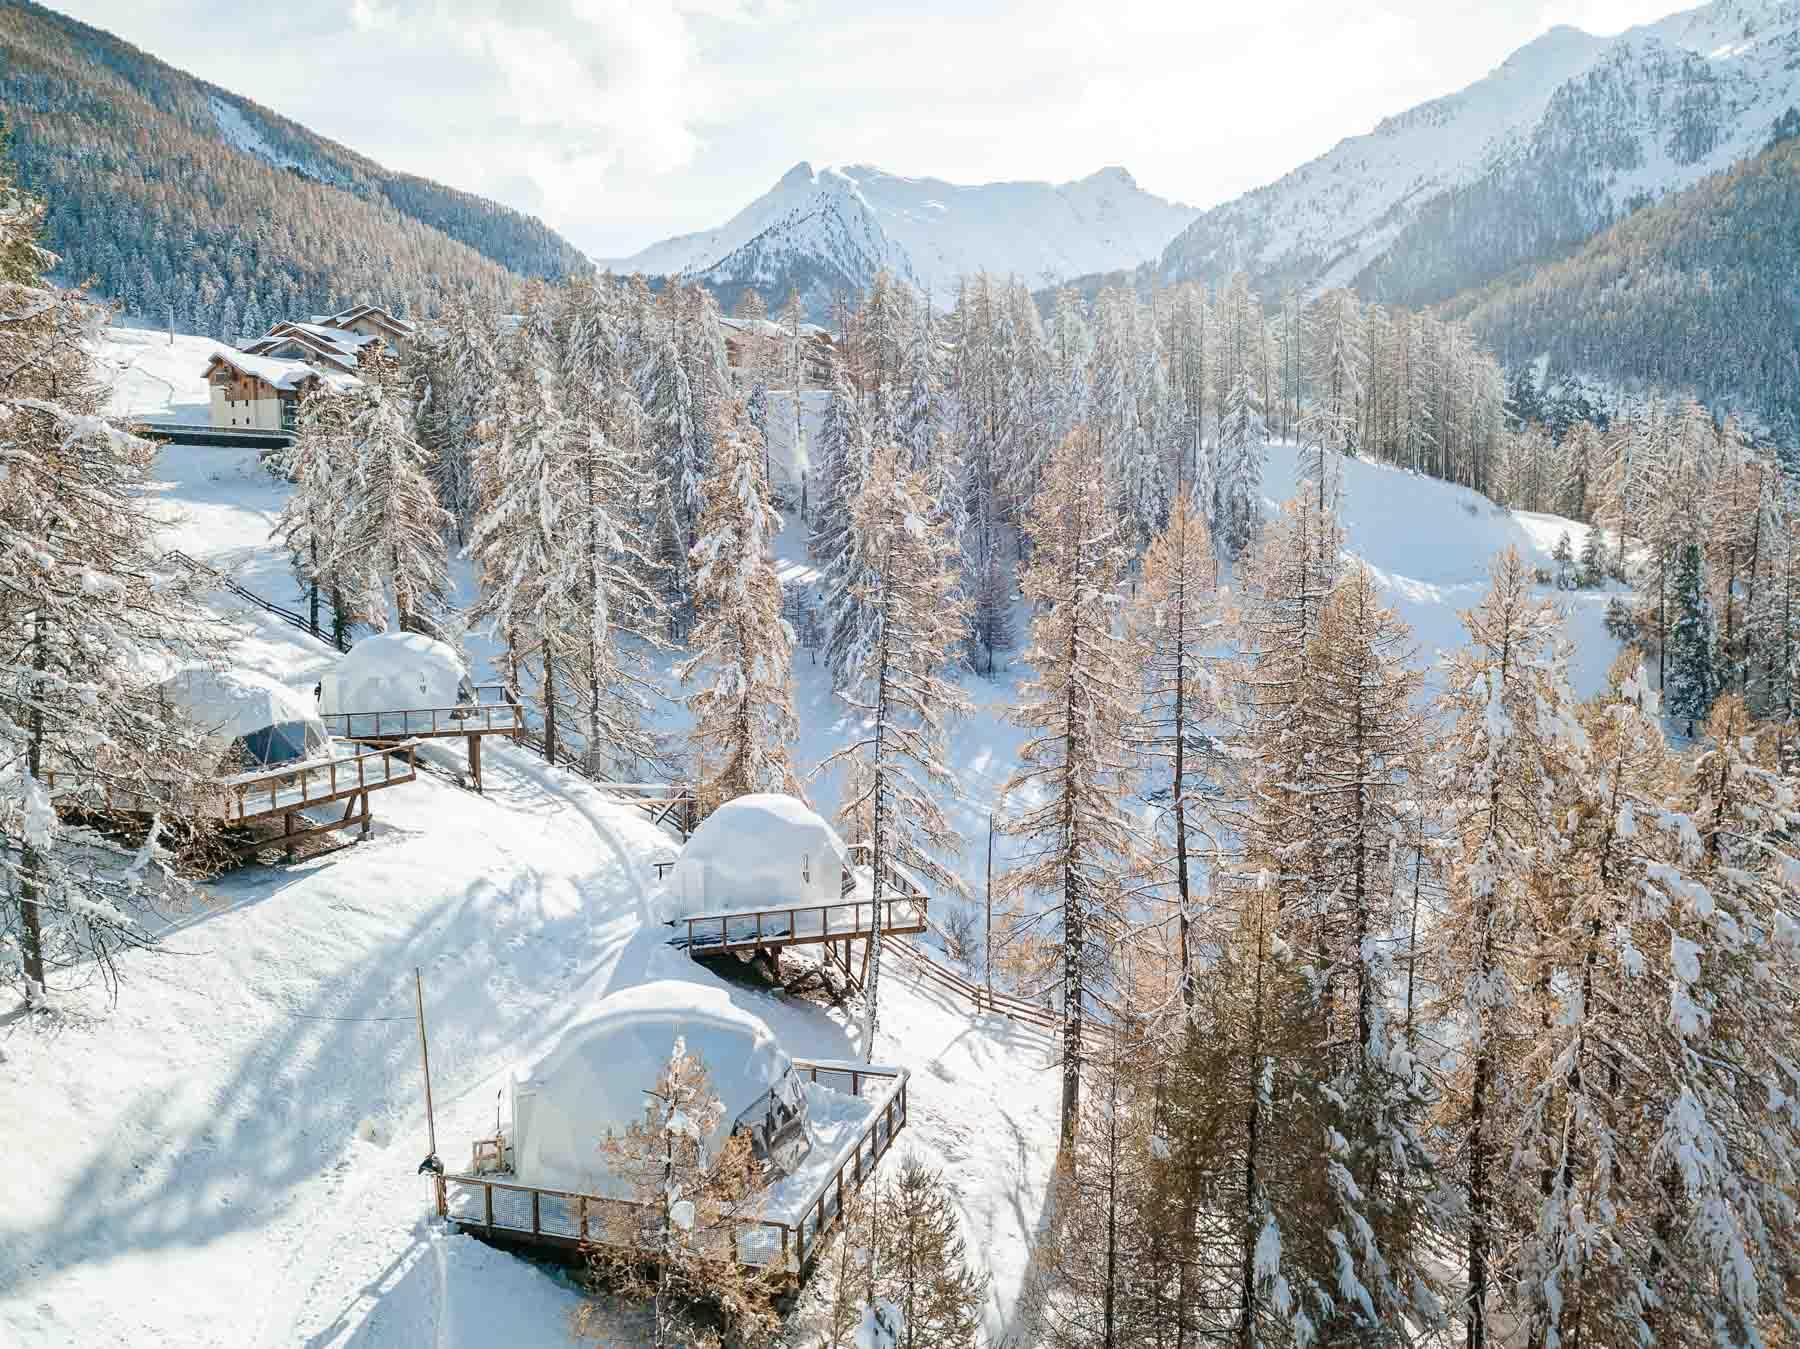 Dans la station de Les Orres, l'hébergement insolite Alpin D'Hôme domine la vallée © Les Orres